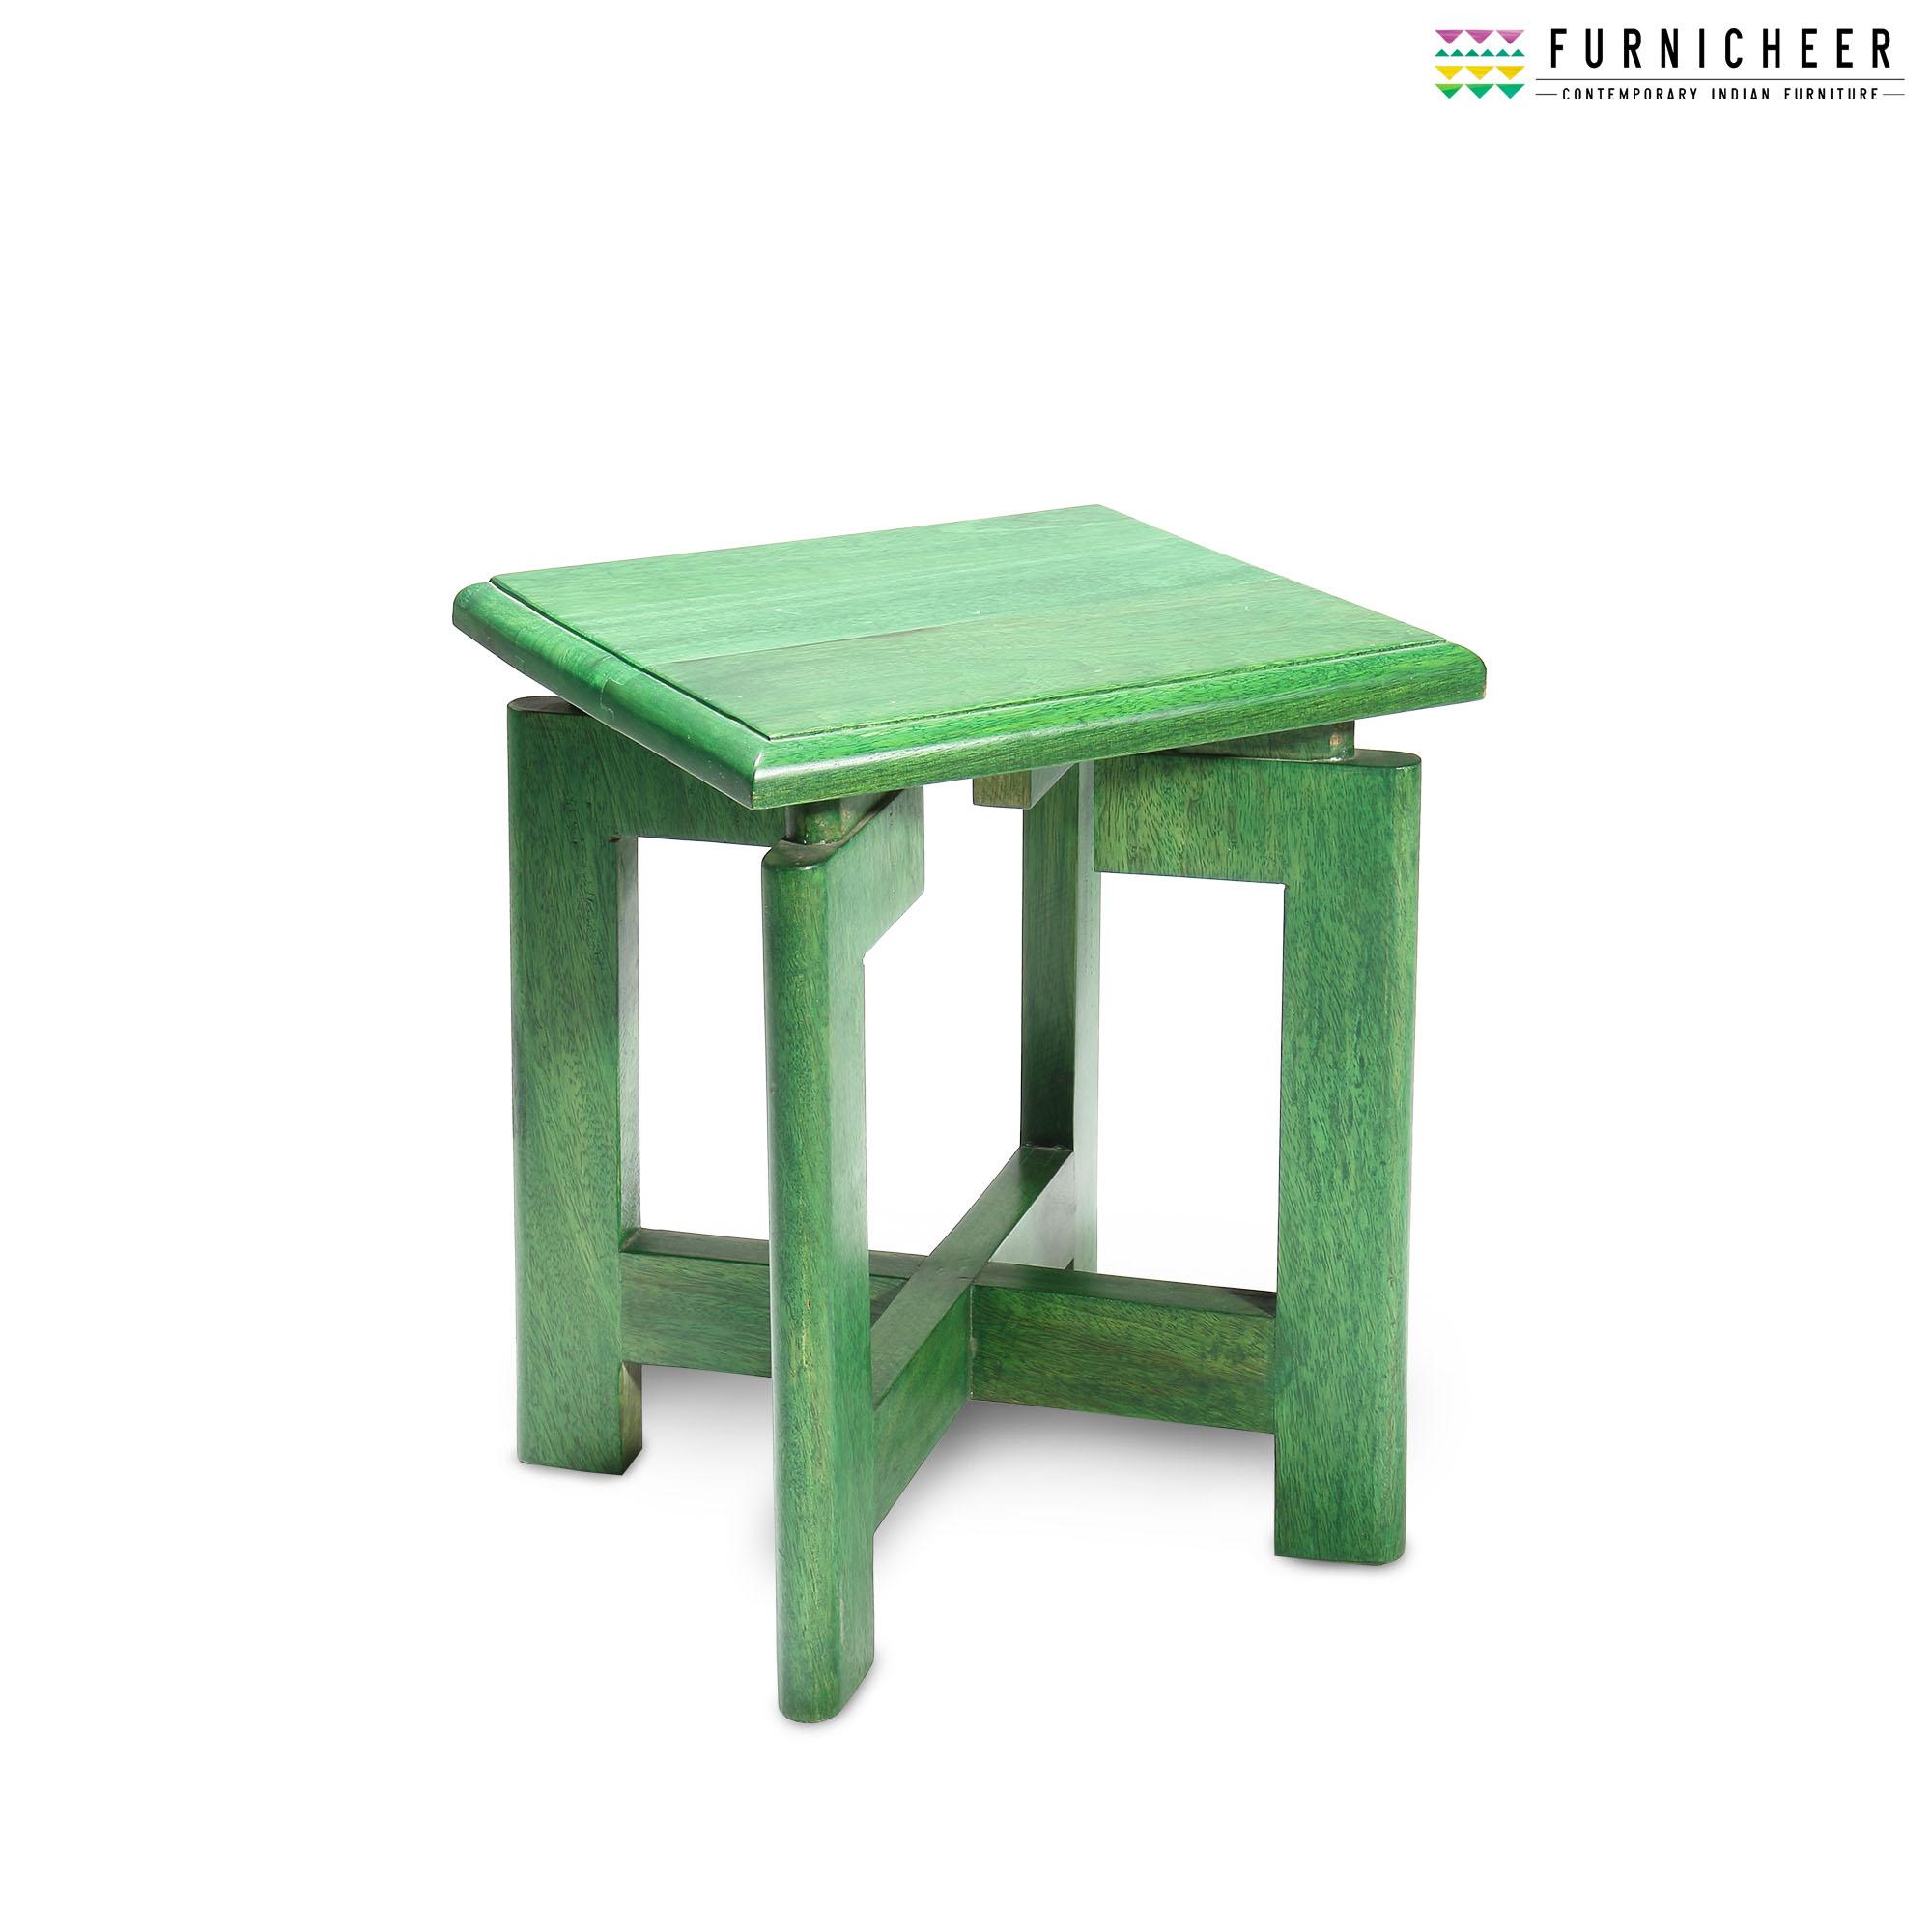 2.SIDE & END TABLE SKU TBGR7250